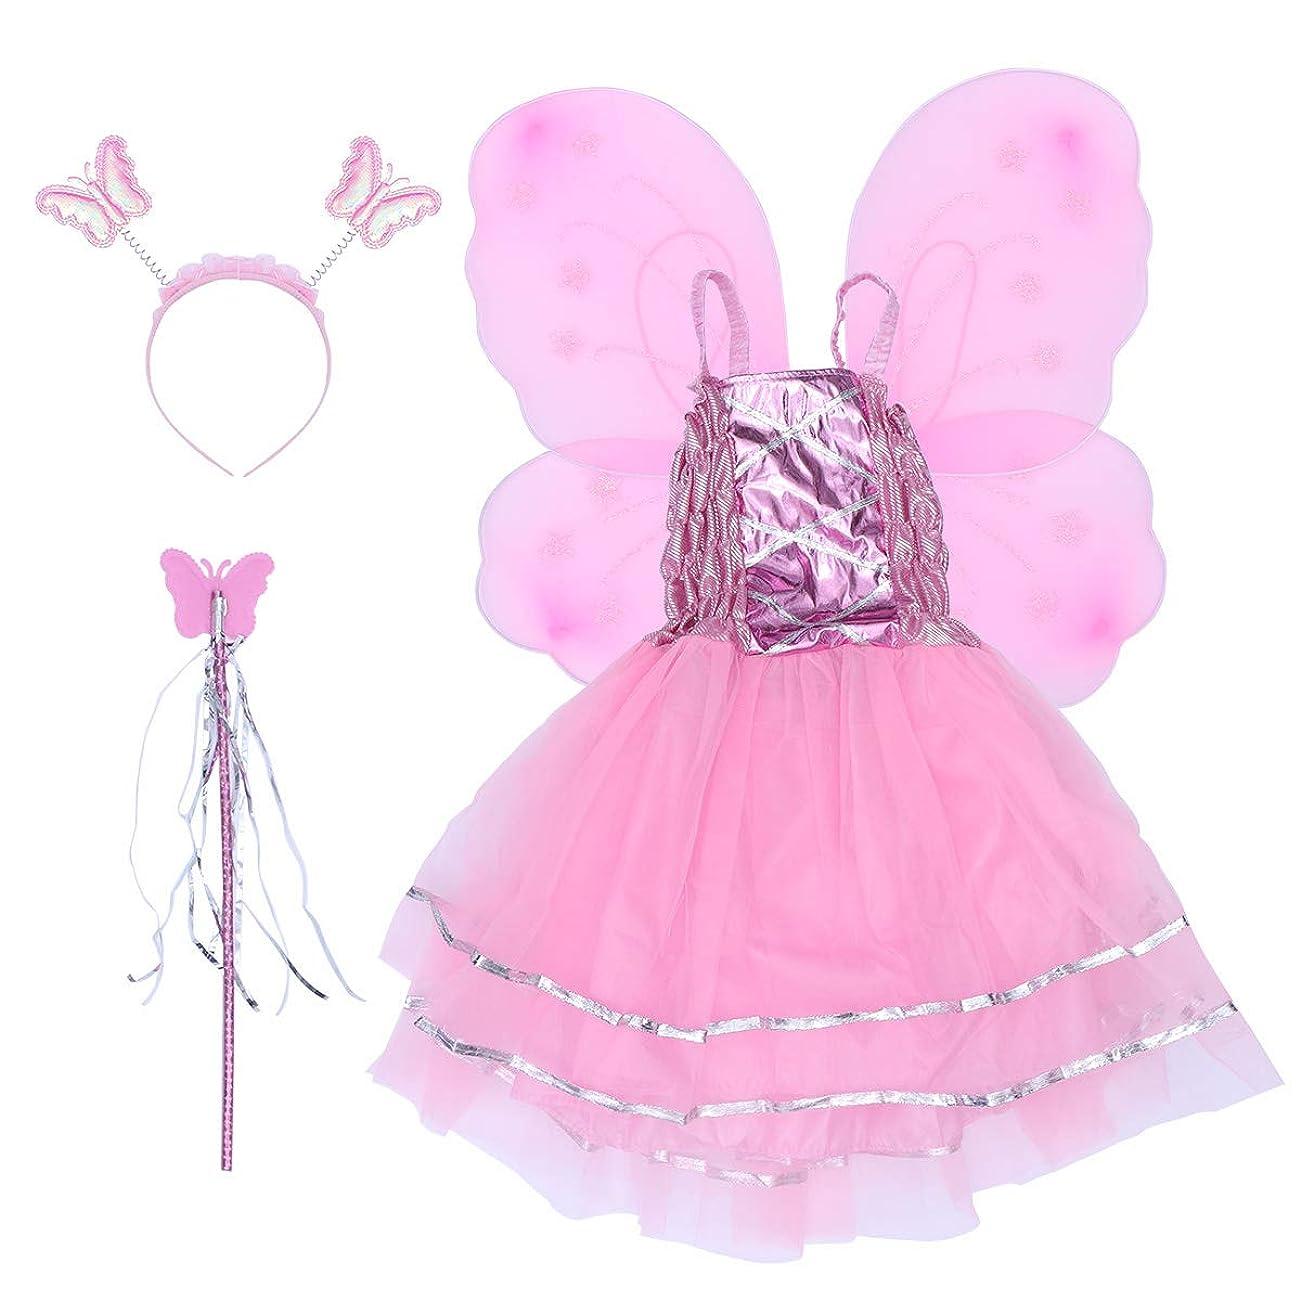 トチの実の木最初は裁定BESTOYARD 4本の女の子バタフライプリンセス妖精のコスチュームセットバタフライウィング、ワンド、ヘッドバンドとツツードレス(ピンク)